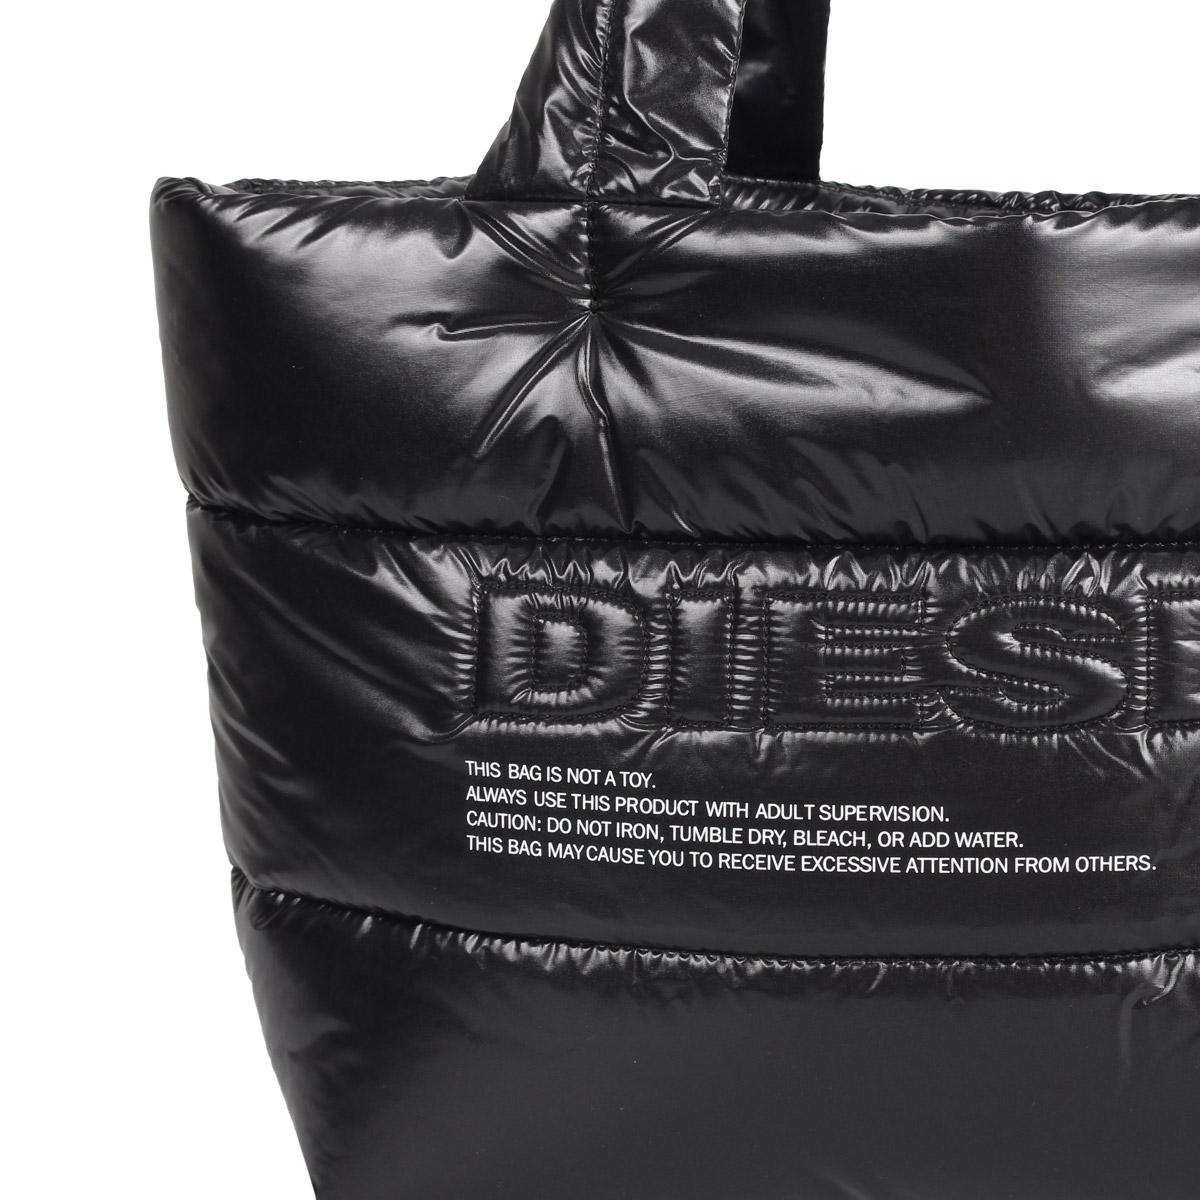 ディーゼル DIESEL バッグ トートバッグ レディース MIRA SHOPPE ブラック 黒 X06459 P2628rQBoedCWx